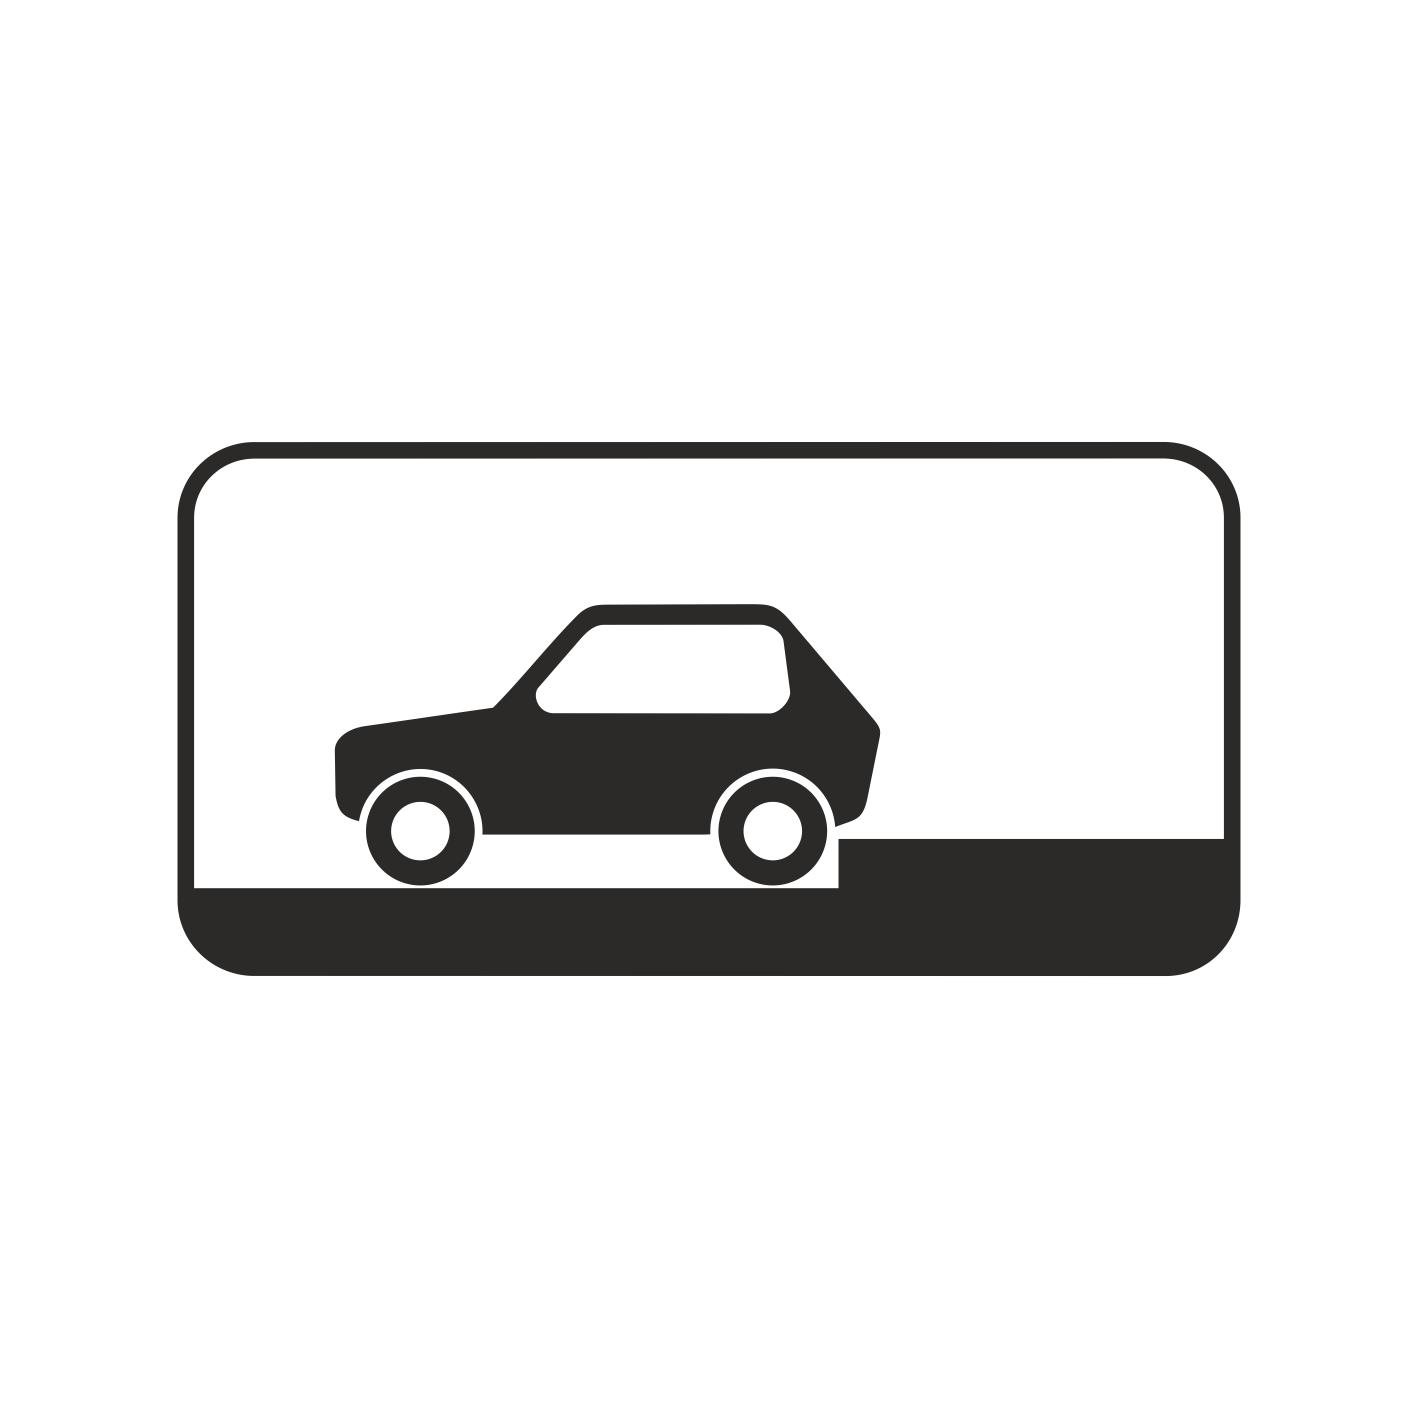 8.6.4 Способ постановки транспортного средства на стоянку